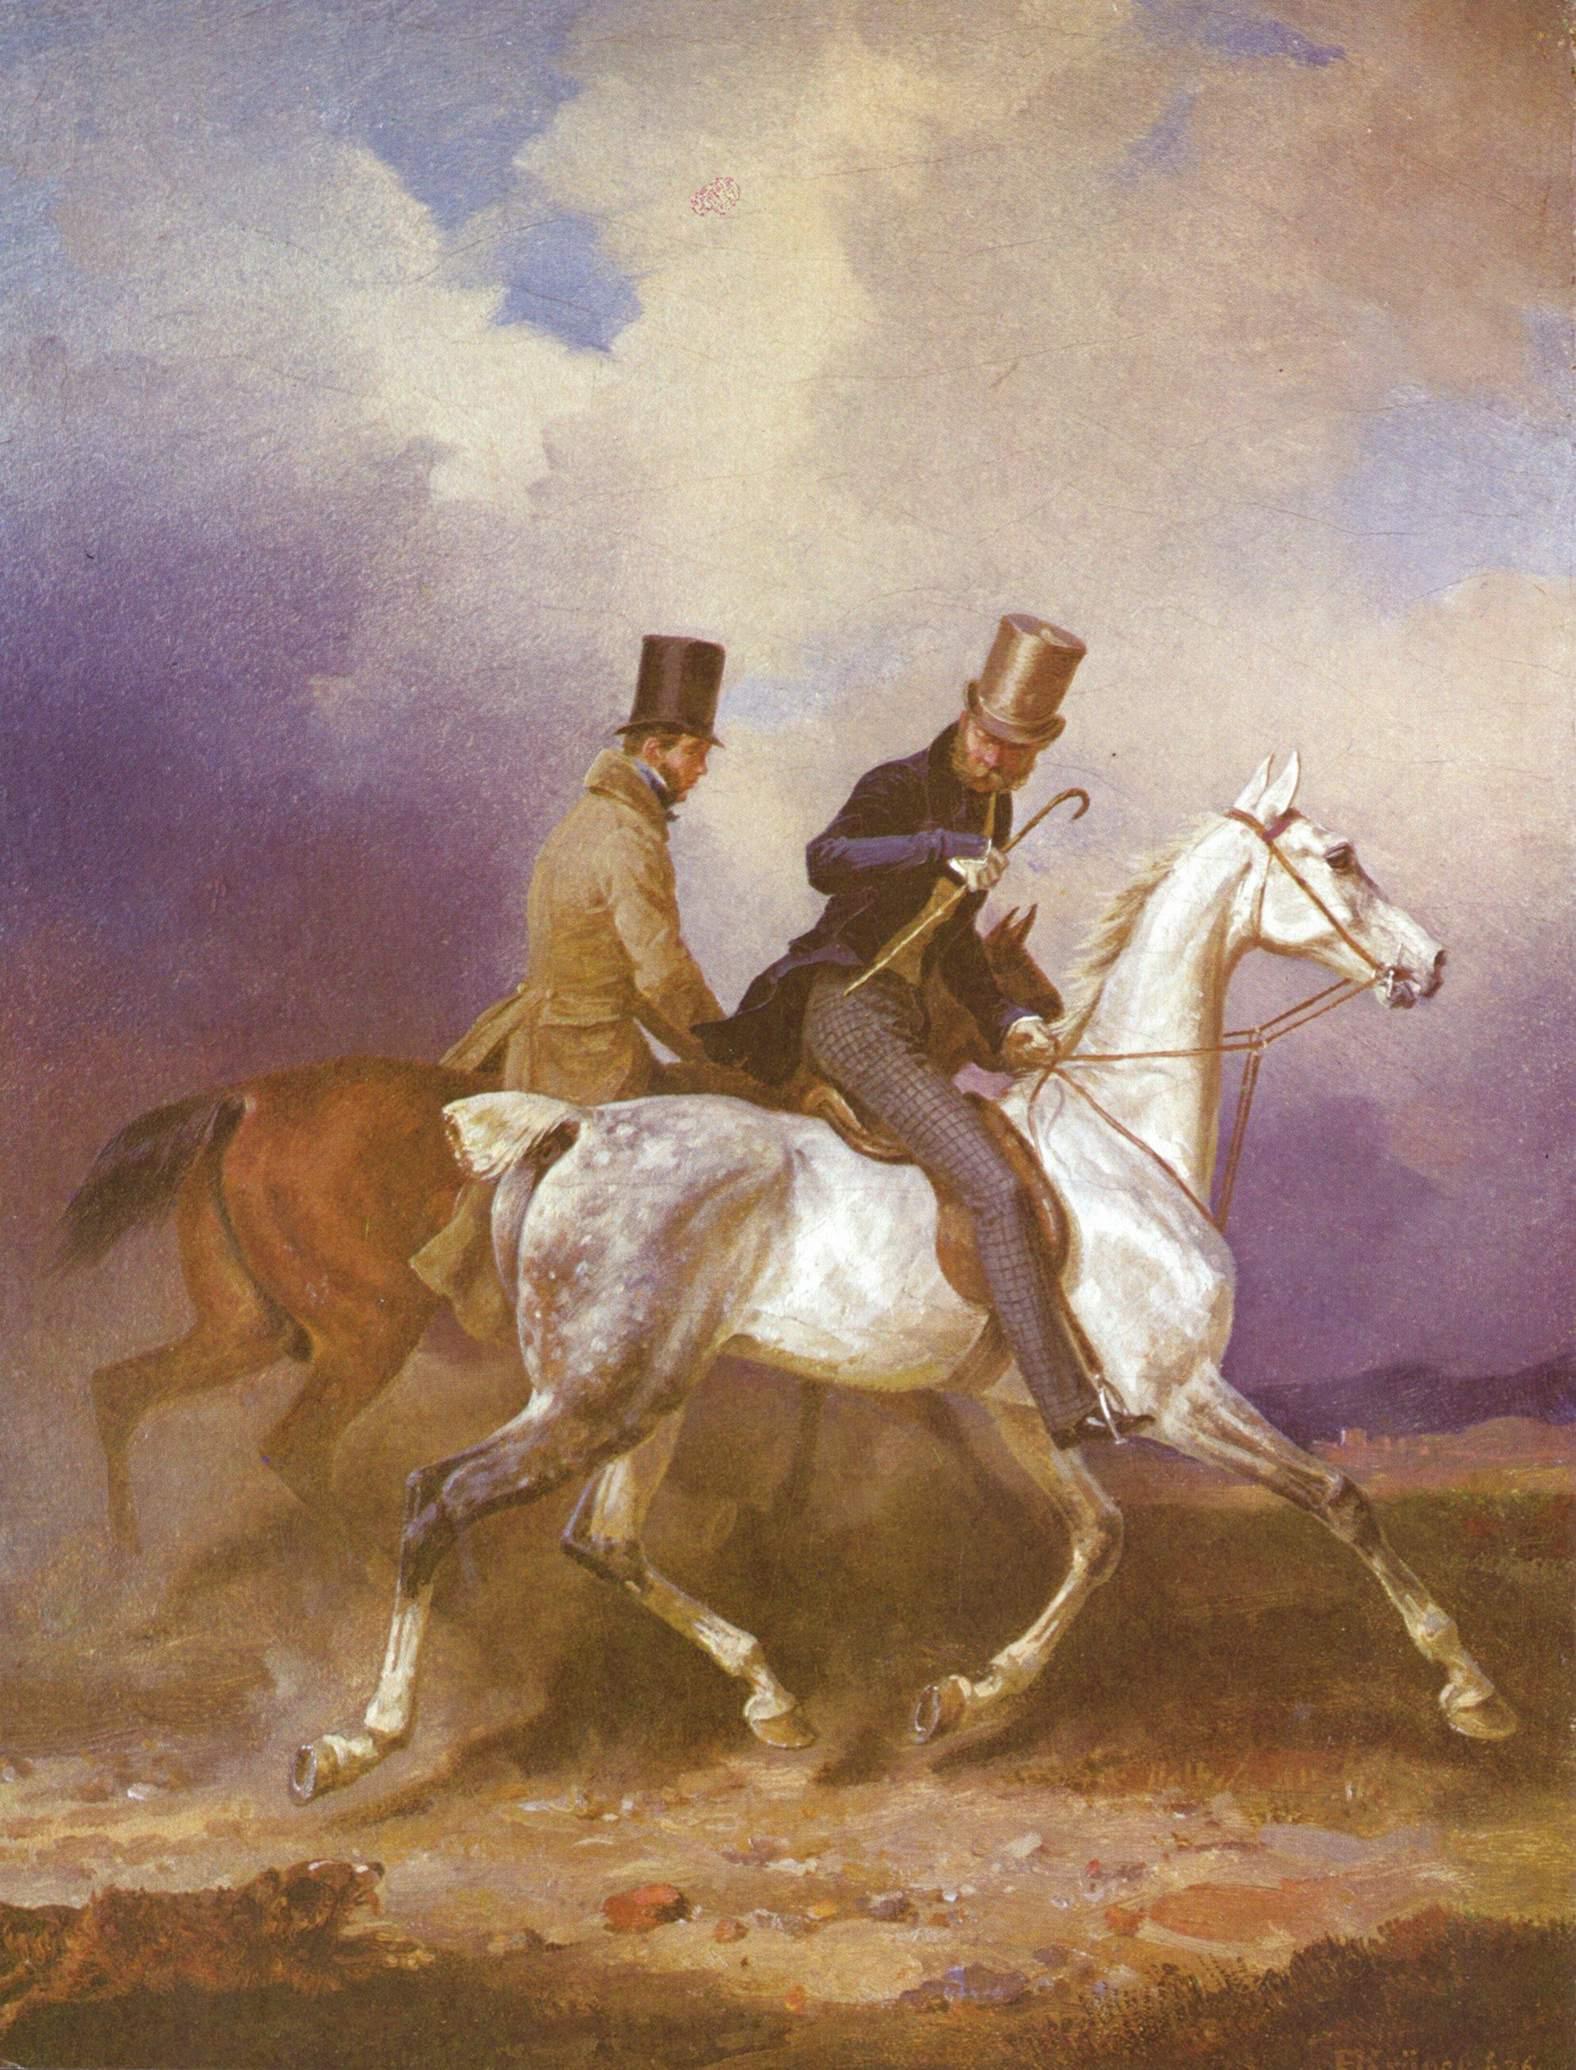 Принц Вильгельм Прусский на прогулке в сопровождении художника, Крюгер Франц